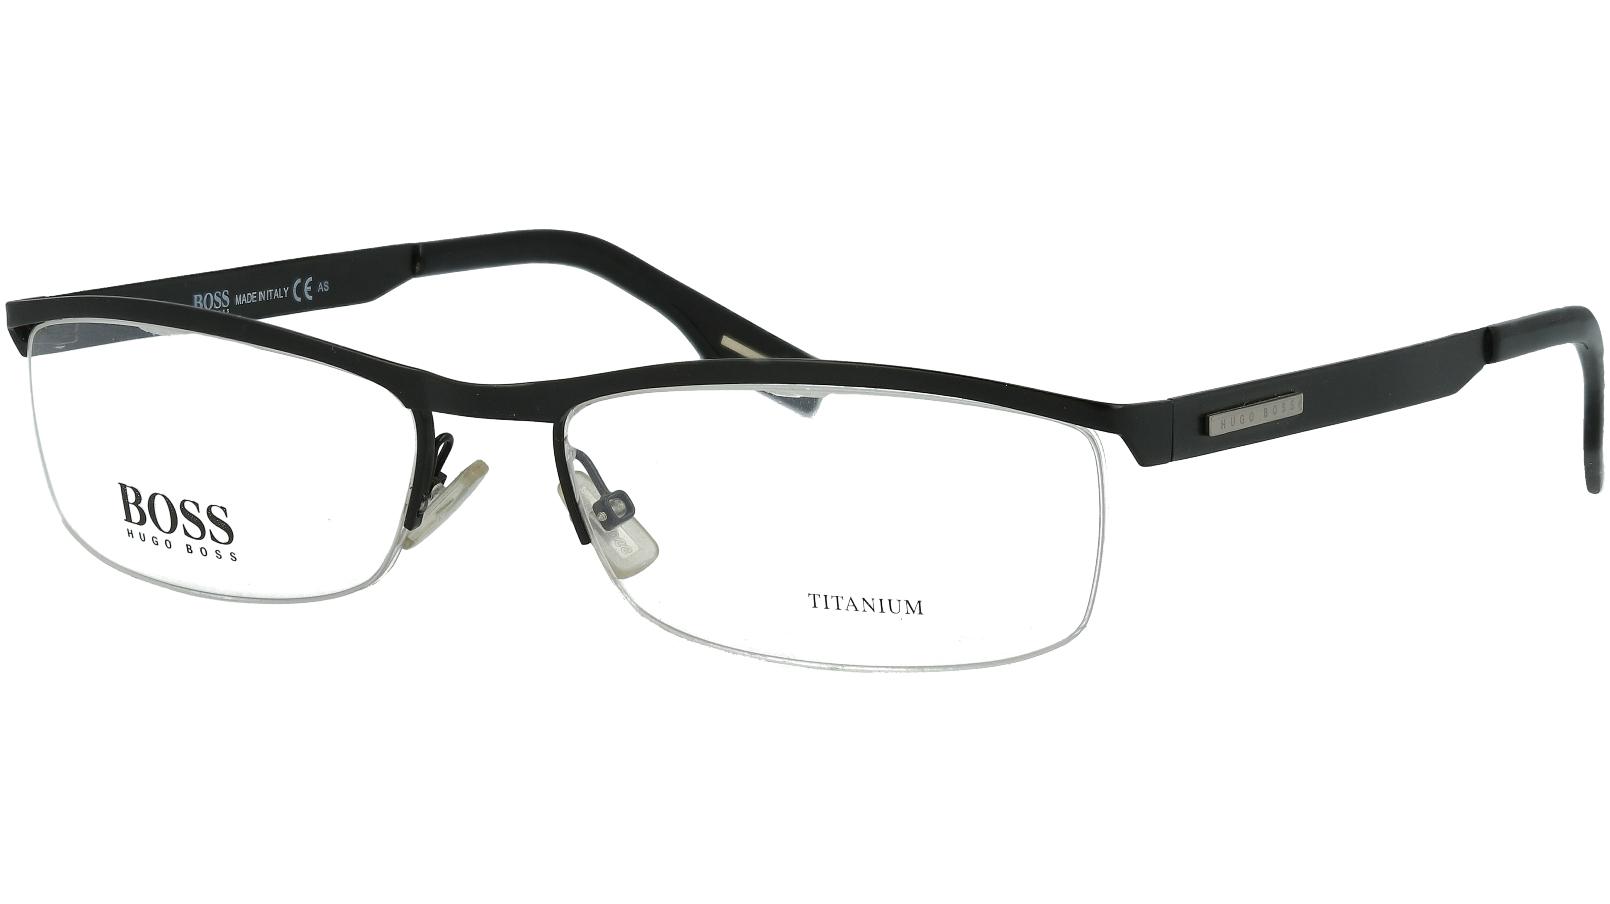 HUGO BOSS BOSS0380 003 56 BLACK Eye Glasses